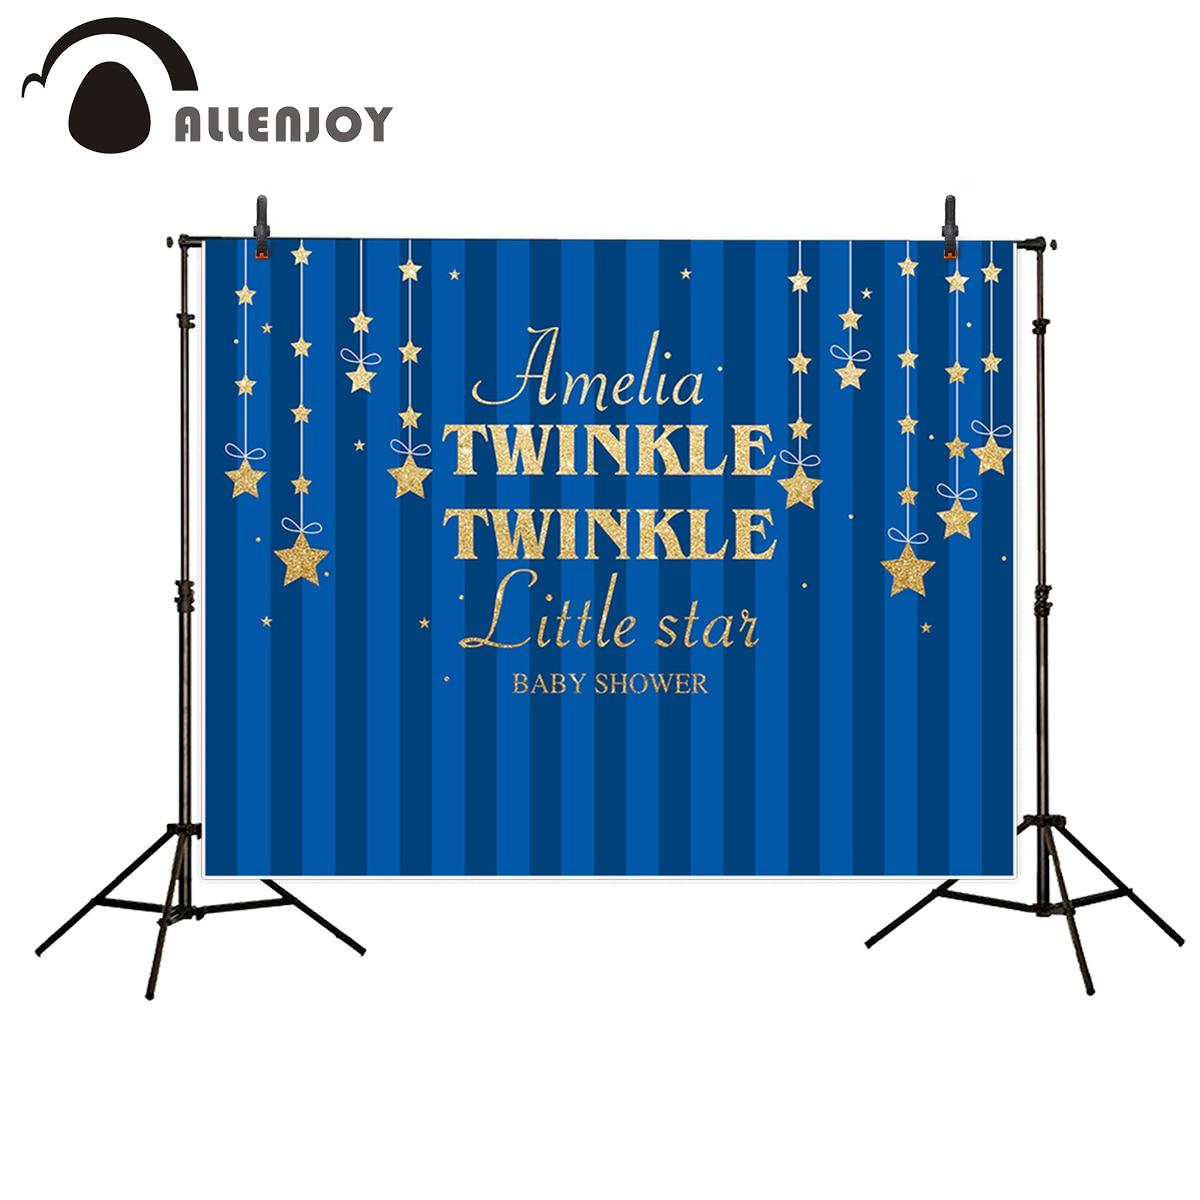 Виниловые фотообои Allenjoy с синими полосками и золотыми звездочками, оригинальный дизайн для новорожденных